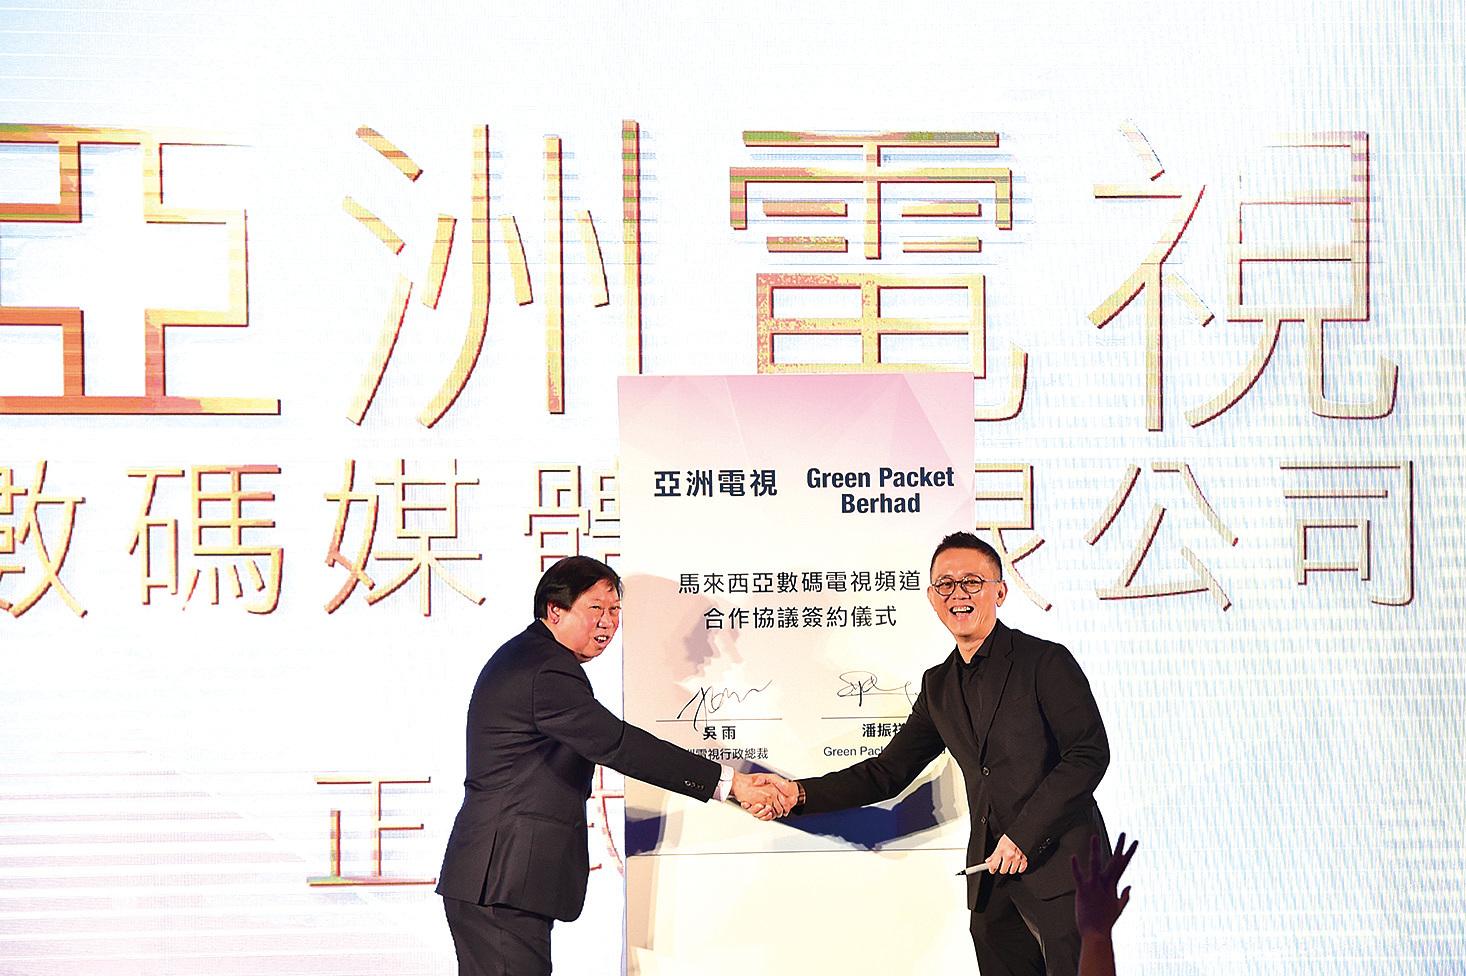 行政總裁吳雨(左)和營運總裁區偉林主持「ATV亞洲電視APP」啟動儀式。(郭威利/大紀元)